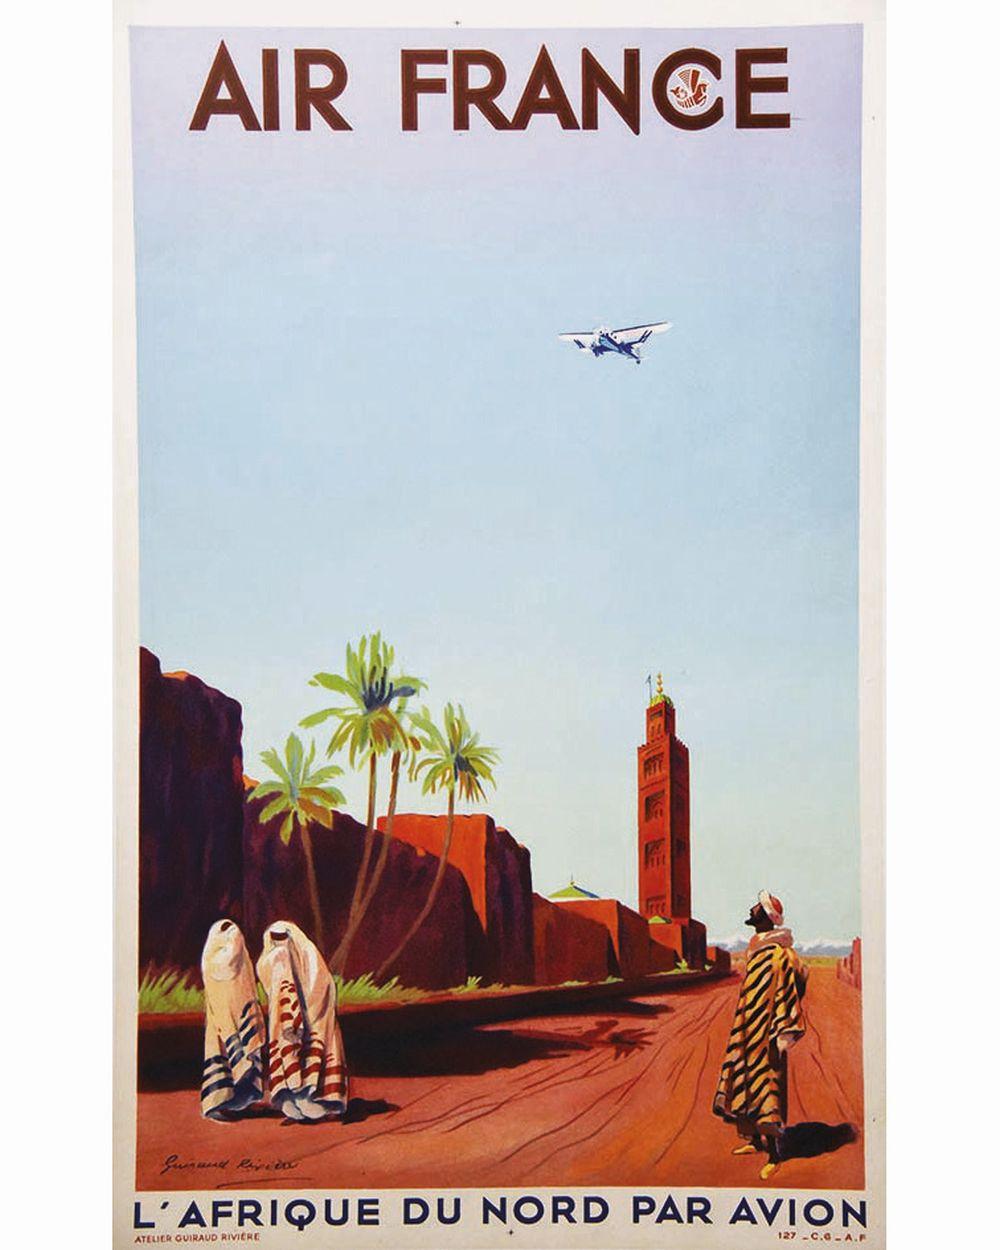 GUIRAUD RIVIERE - Marrakech L'Afrique du Nord Par Avion Air France     vers 1930